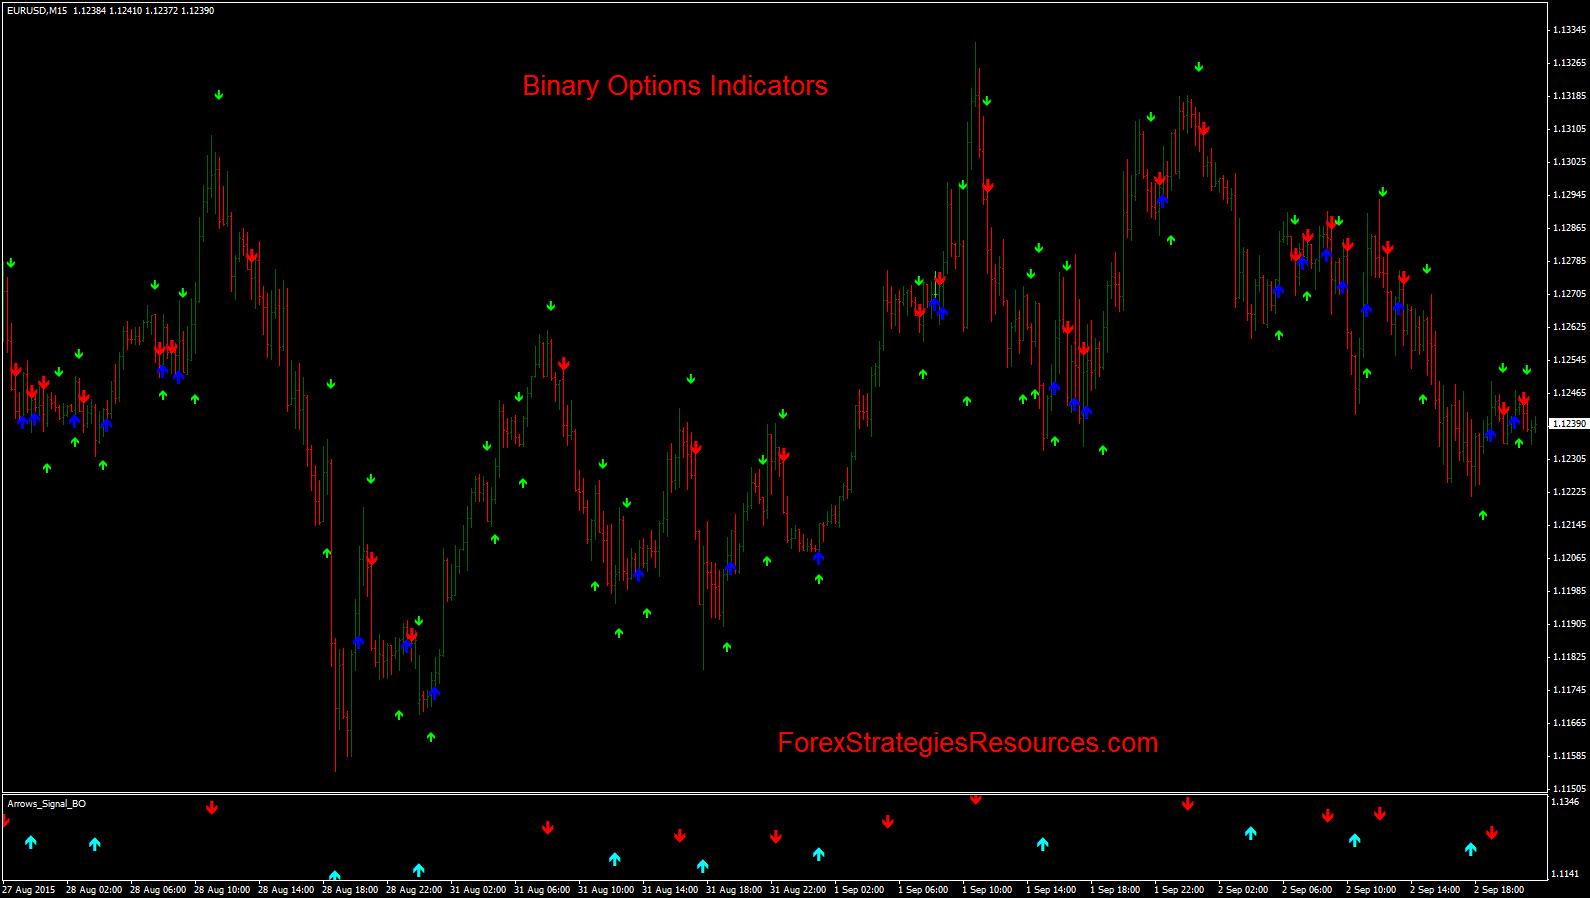 strategie de opțiuni binare mt4 indicator